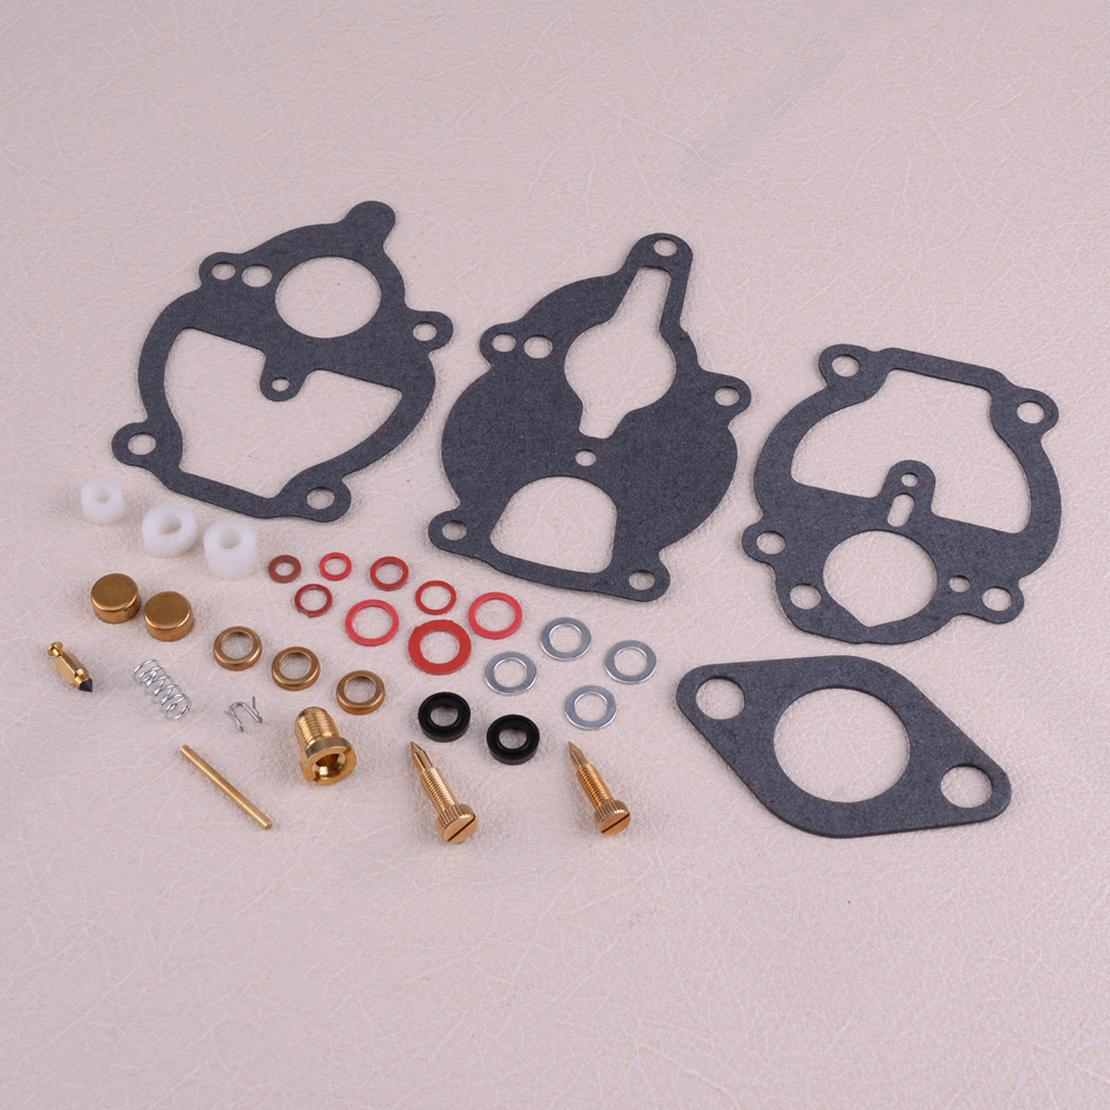 Reparatursatz Zenith 32IF2 Vergaser Renault R5 R9 R11 R19 1,0-1,4l Dichtsatz